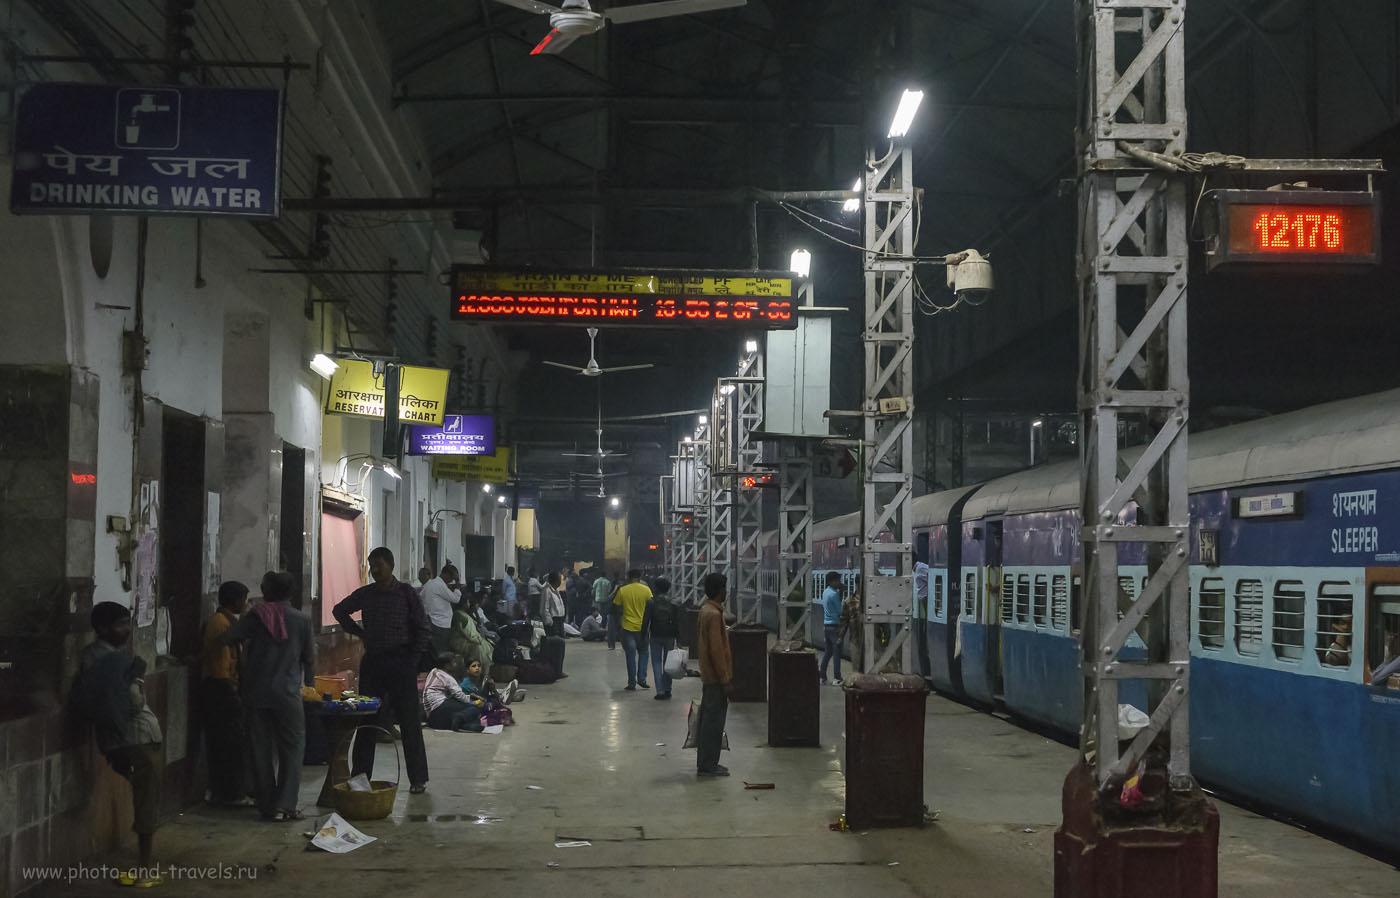 Фотография 3. Железнодорожная станция Mughal Sarai, что в 18-ти километрах от Варанаси. Мы – счастливые пассажиры, поскольку ждали свой поезд, всего лишь, шесть часов. Сесть негде, пол грязный. Хорошо, что с собой были спальные и мусорные мешки: завернули и сидели. Некоторым туристам пришлось ждать свой поезд 11 часов. (1/400, 8.0, 6400, 48)